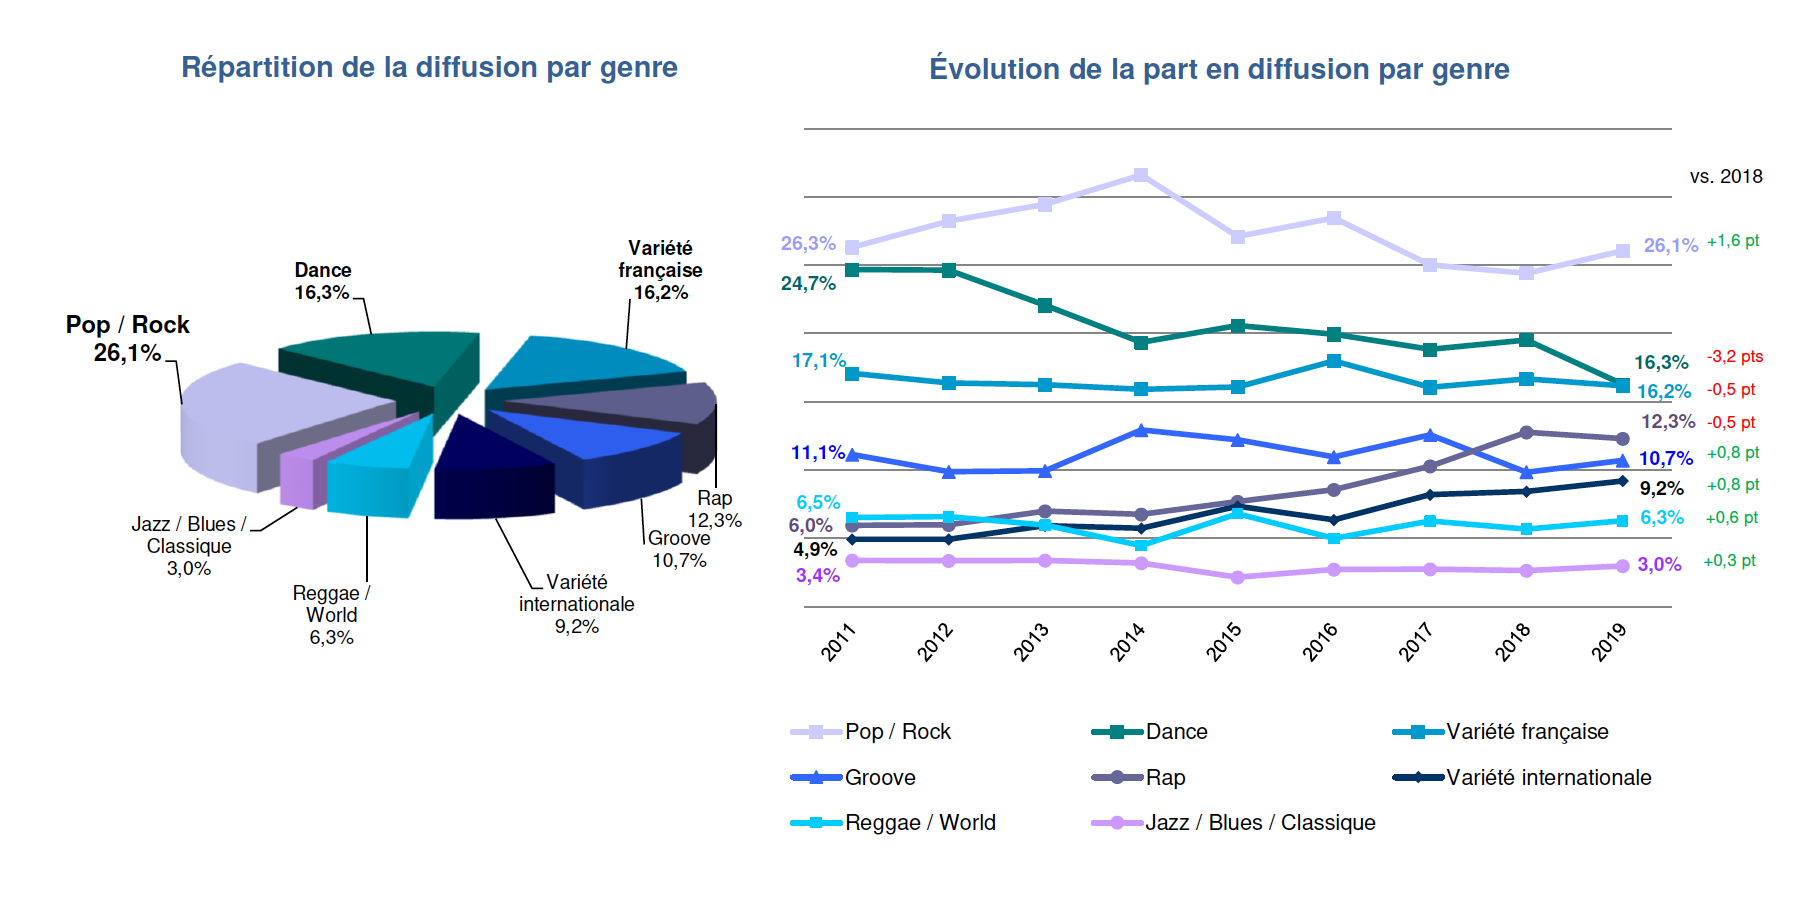 Répartition et évolution de la diffusion par genre © Observatoire de l'économie de la musique